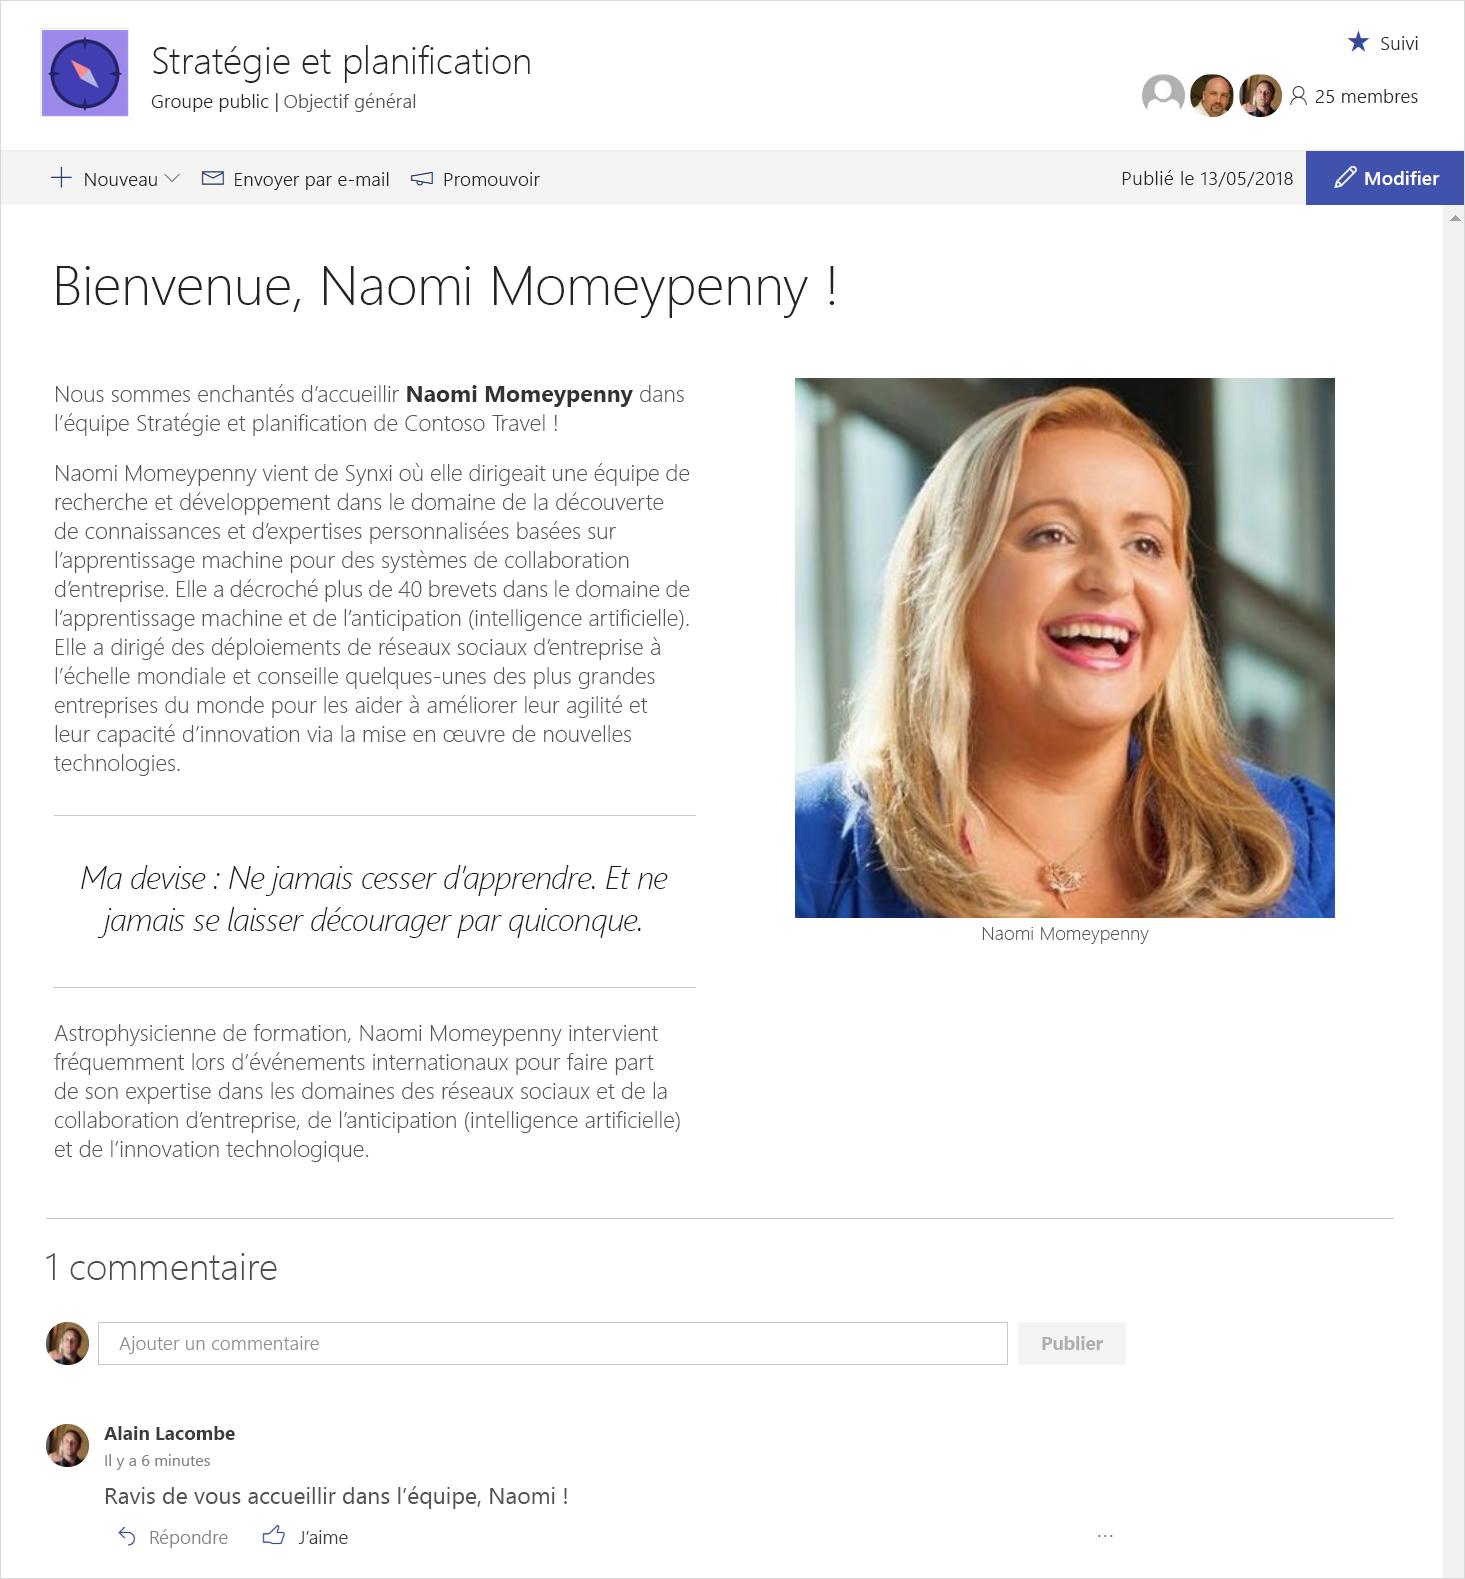 Capture d'écran affichant des actualités SharePoint à l'aide de pages et de composants WebPart présentant un contenu riche et dynamique destiné à tenir les utilisateurs informés.